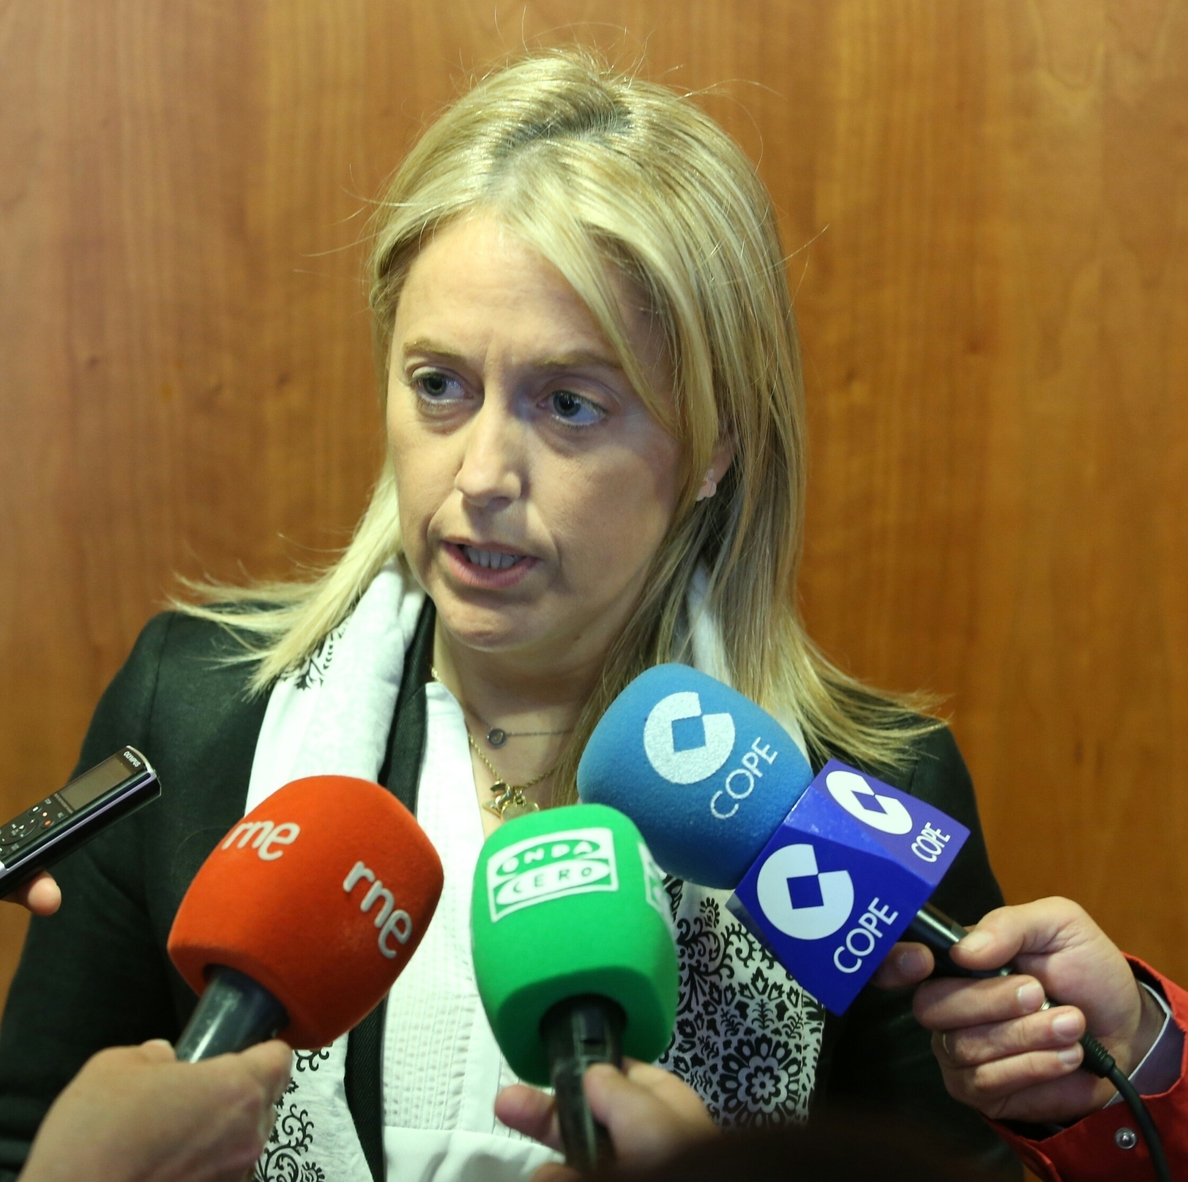 Coto critica a Soraya Rodríguez por venir a Asturias a hablar de Cascos, «una persona a la que ni conoce»